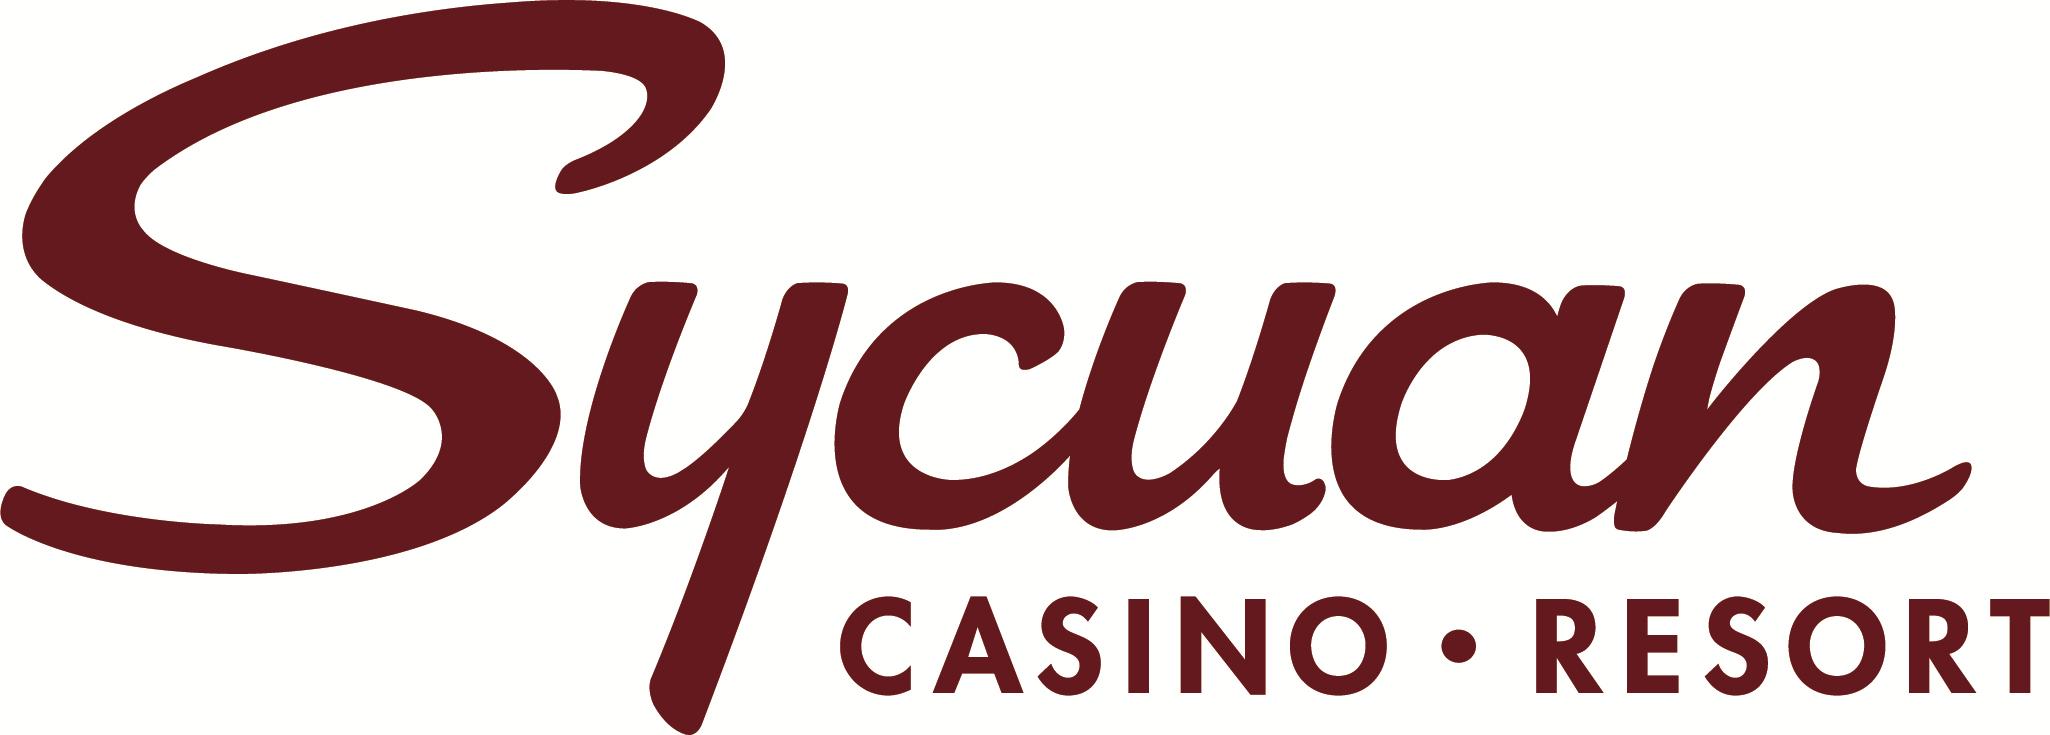 Sycuan Casino Resort logo